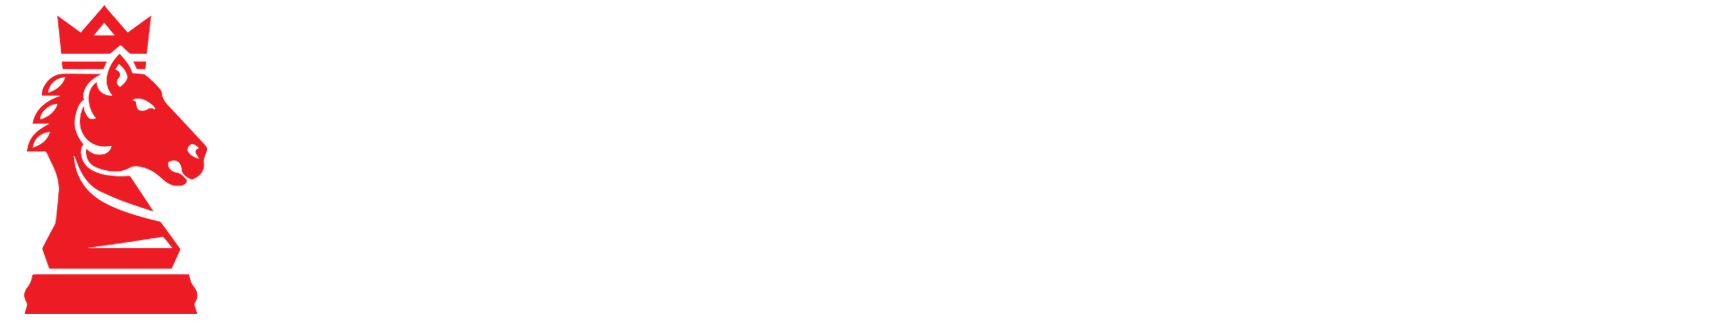 САЛЬДО ФАВОРИТ